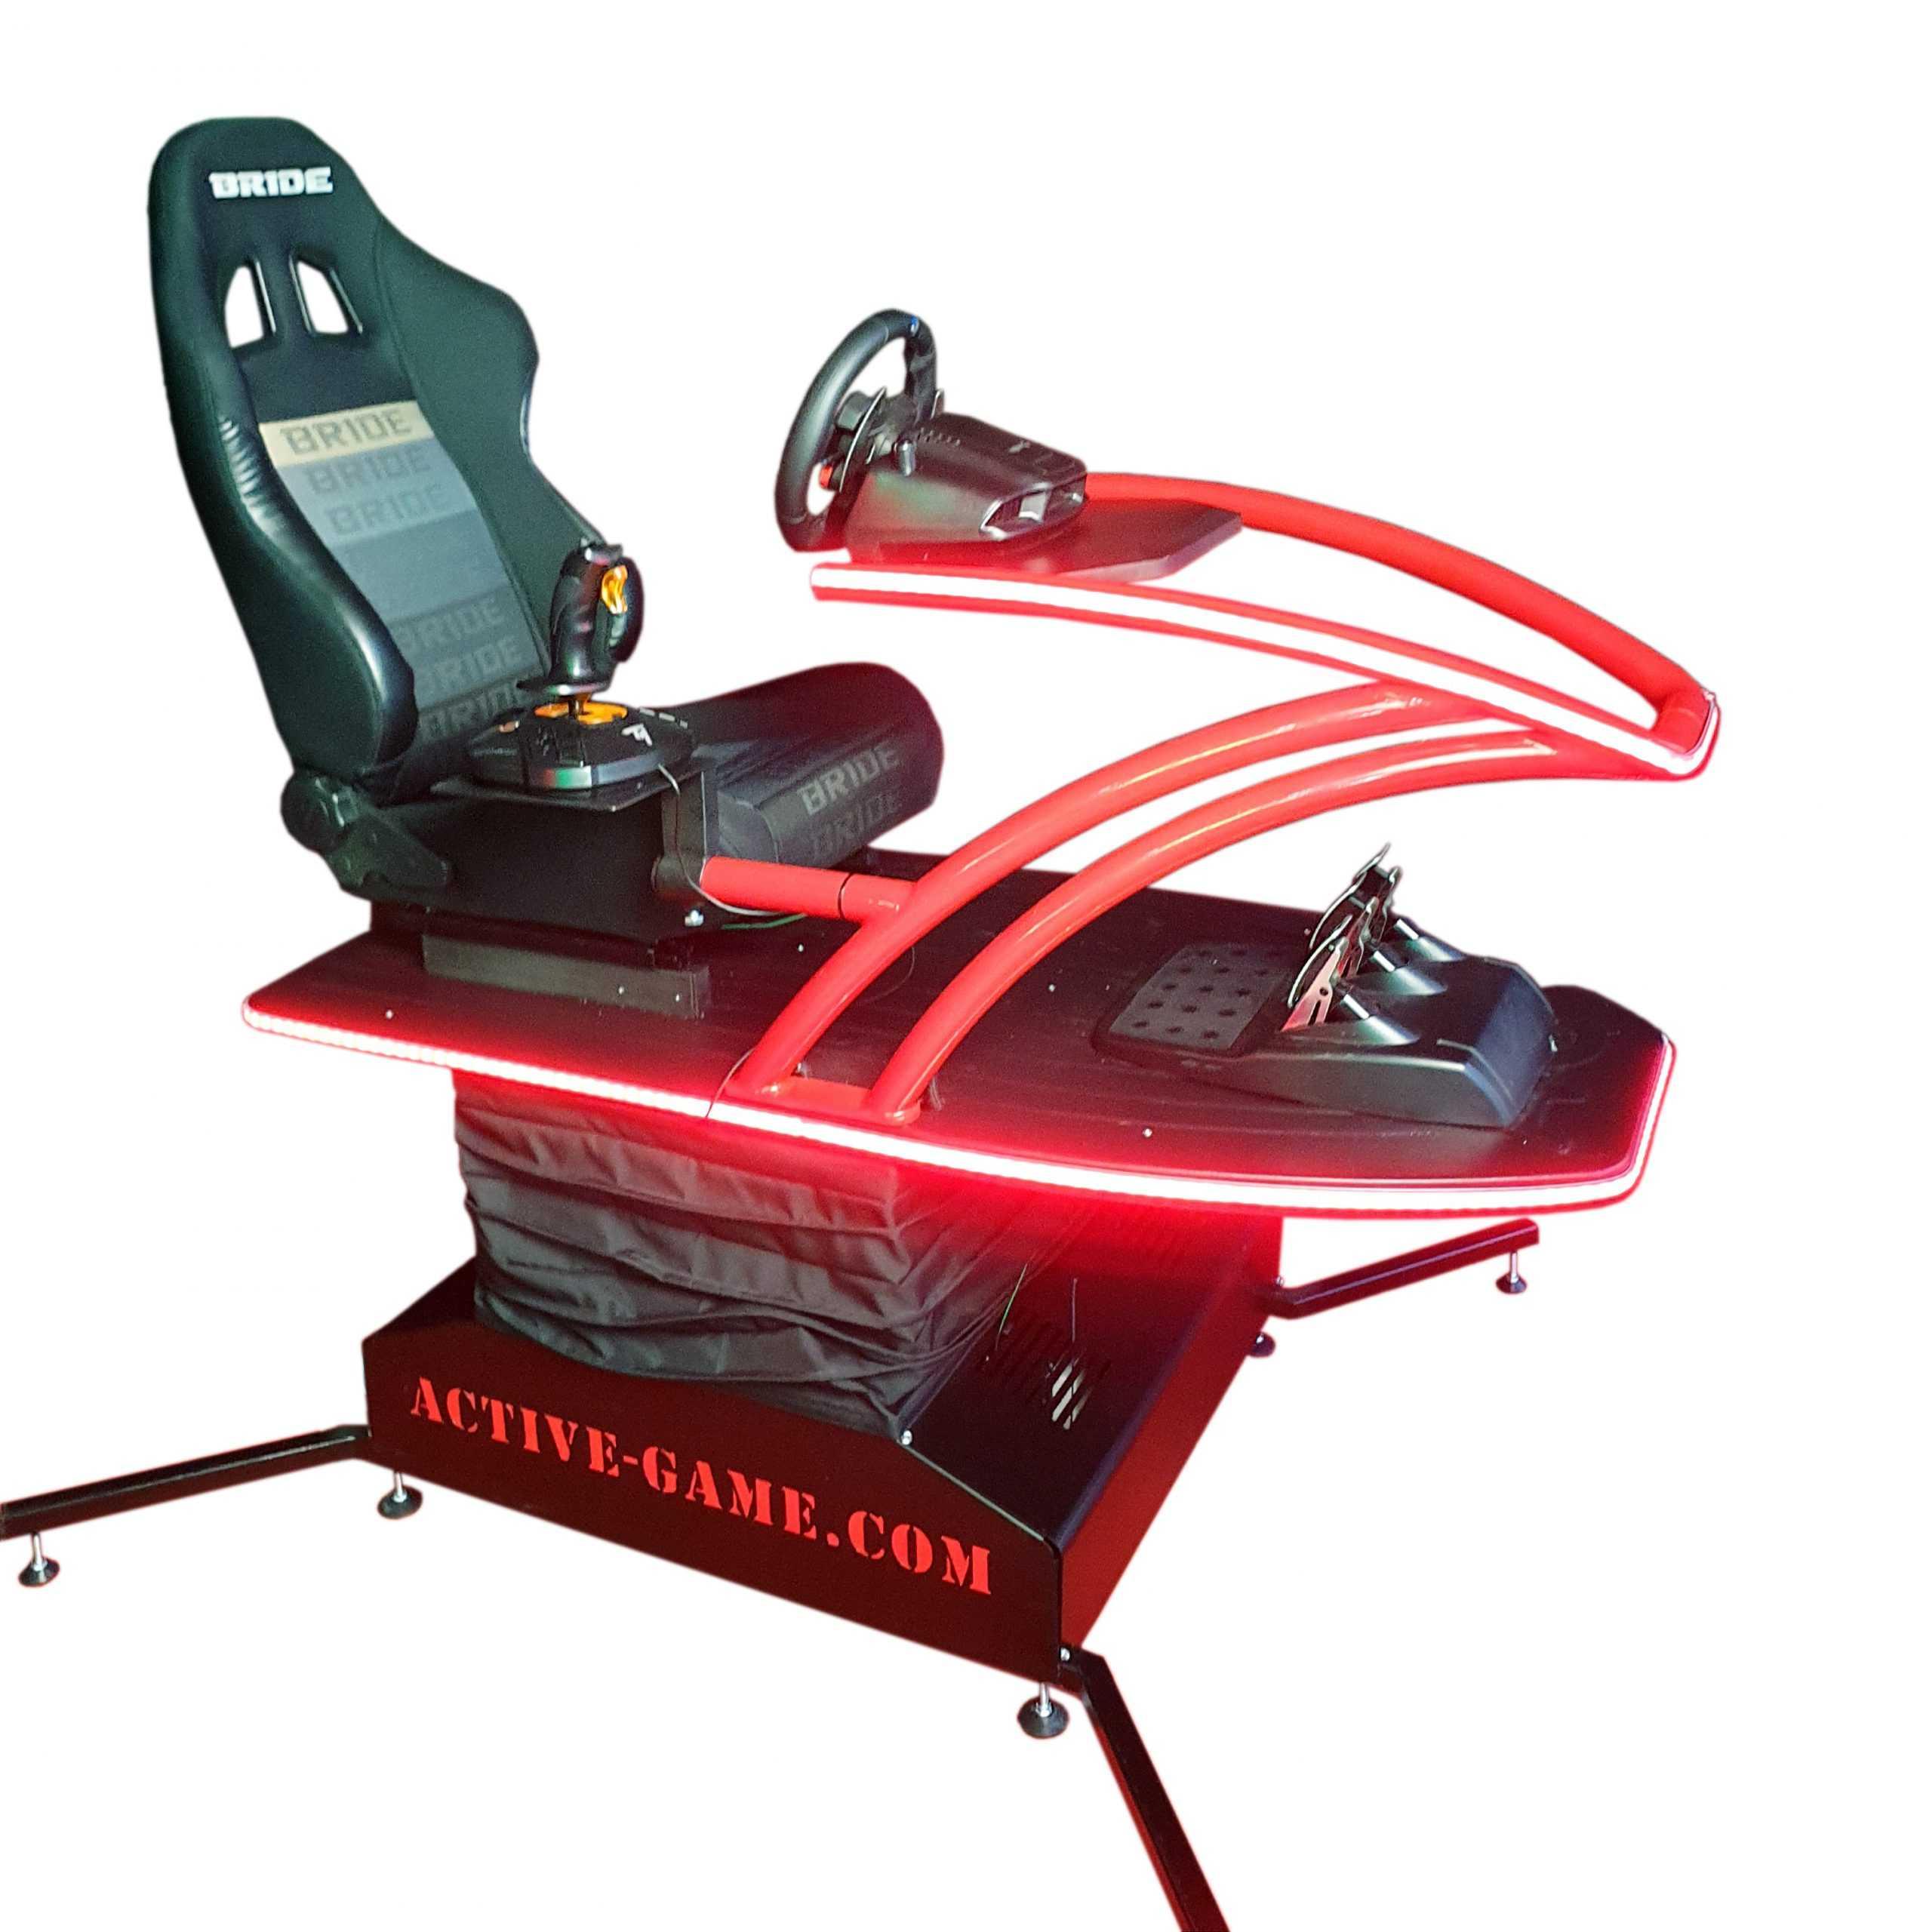 Supersim_Red _1 Full motion flight simulator 2dof, 3dof,4dof,6dof motion platform